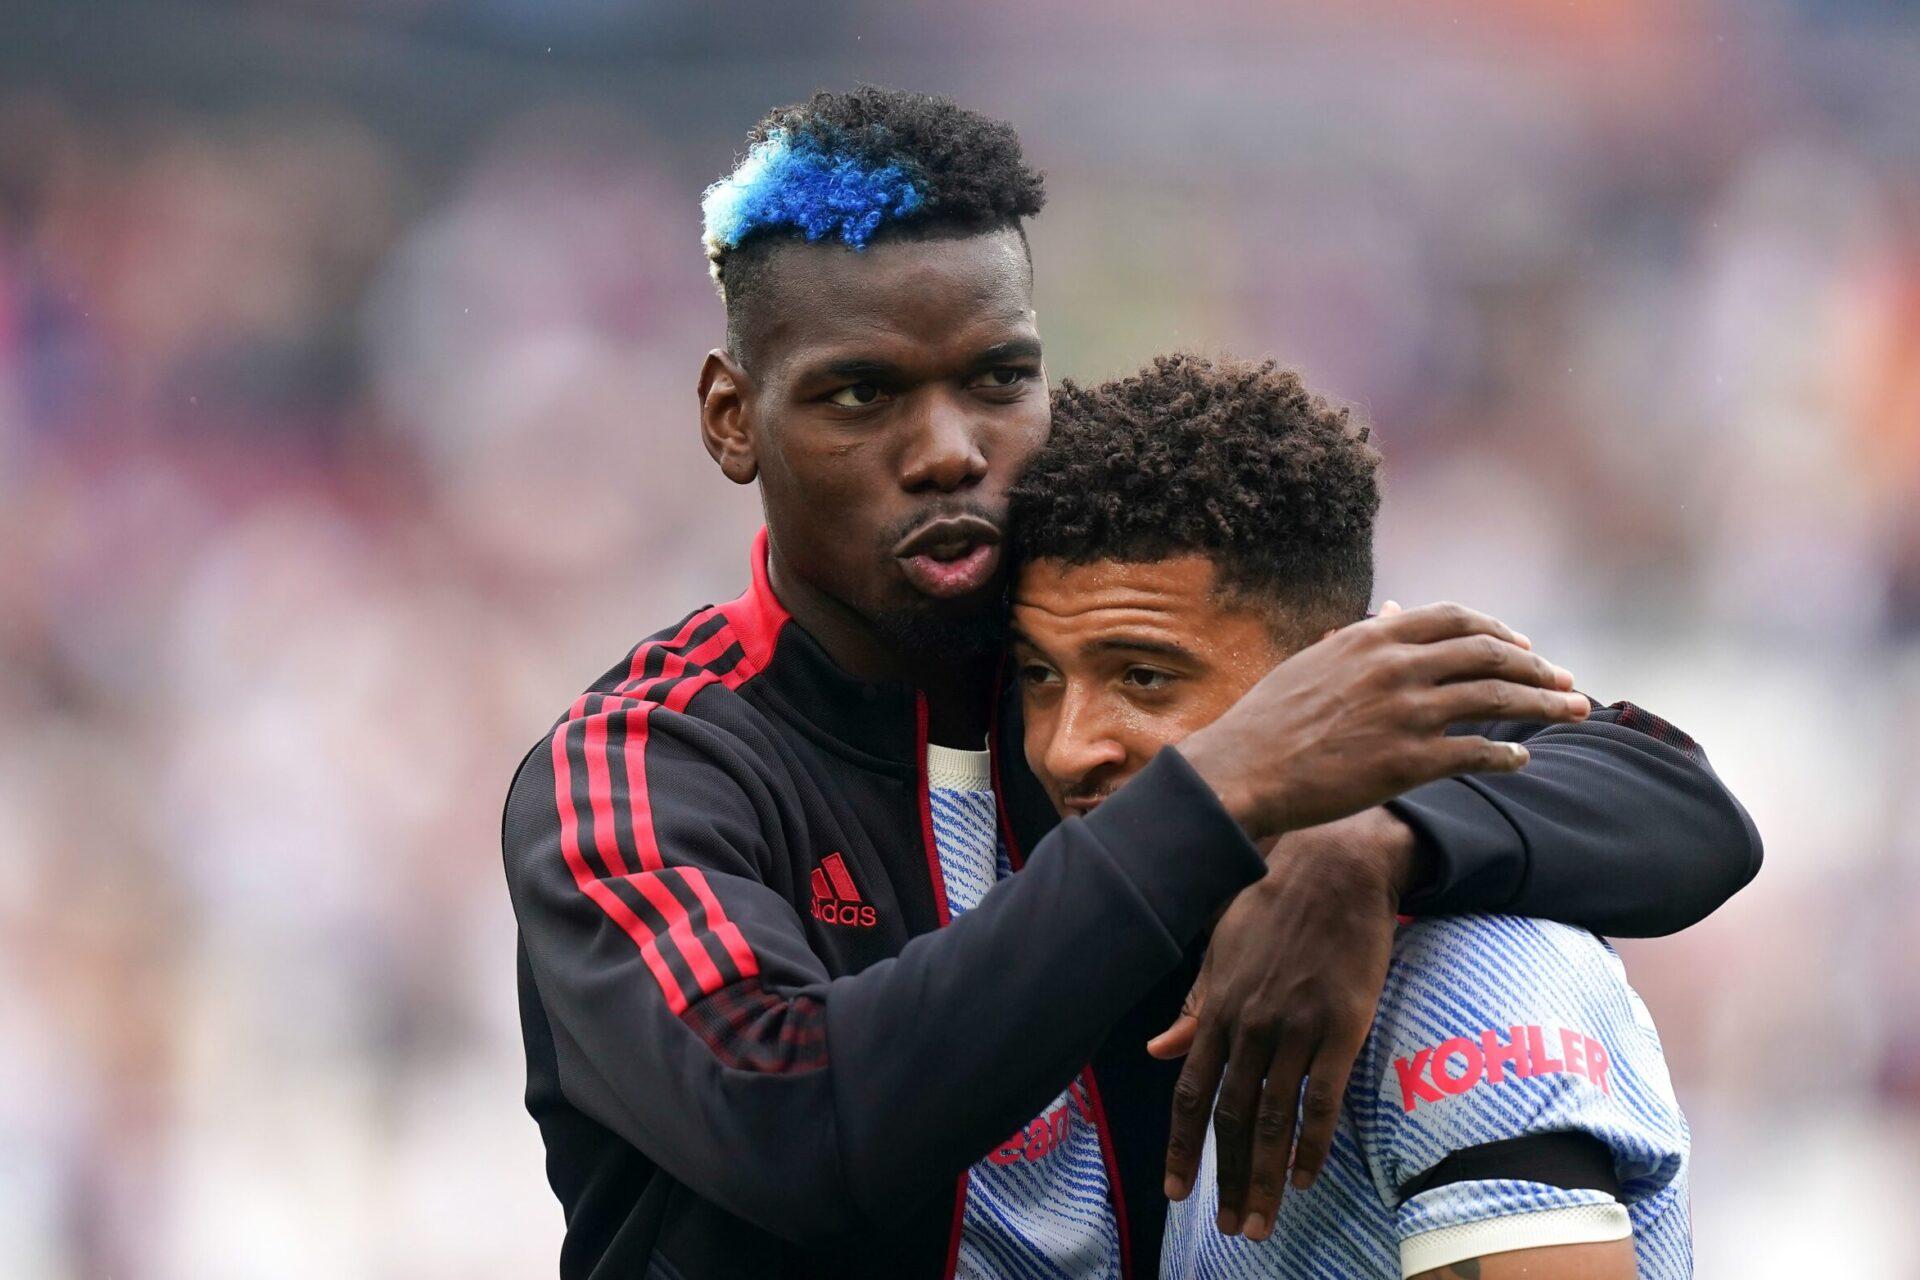 En plus de celles de Varane et Ronaldo, l'arrivée de Jadon Sancho serait l'une des raisons pour lesquelles Pogba voudrait signer un nouveau contrat à United (iconsport)